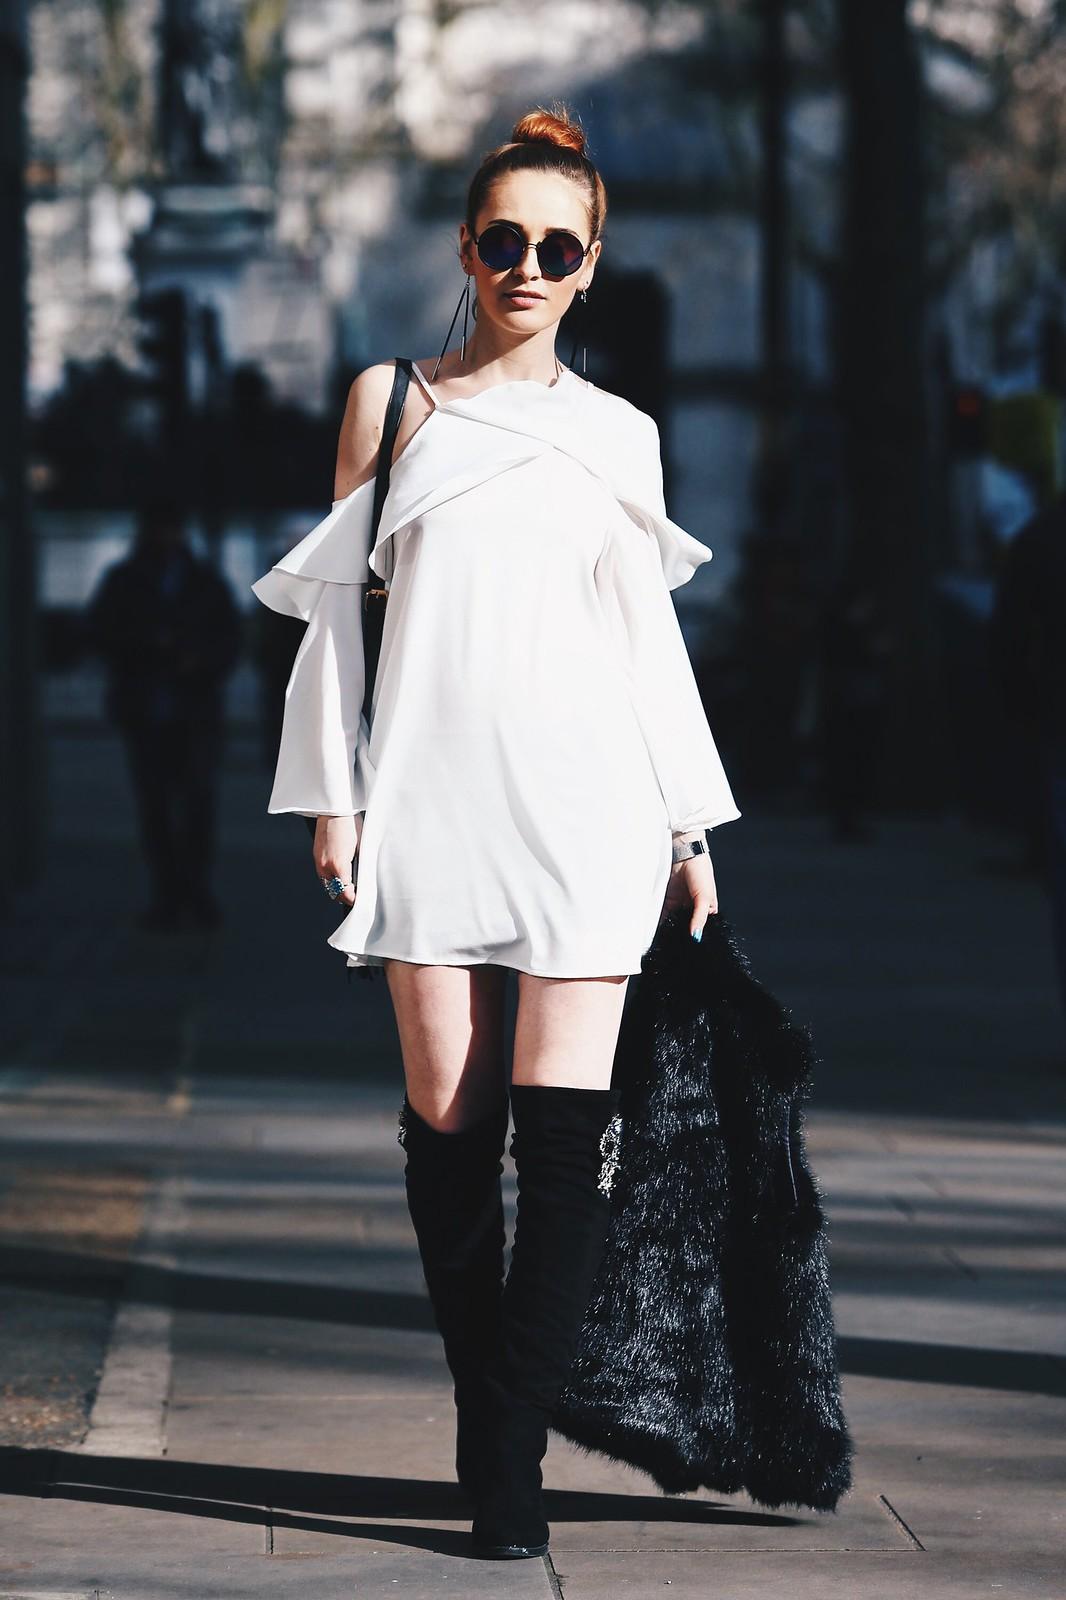 My Festival Look - www.fashionartista.com